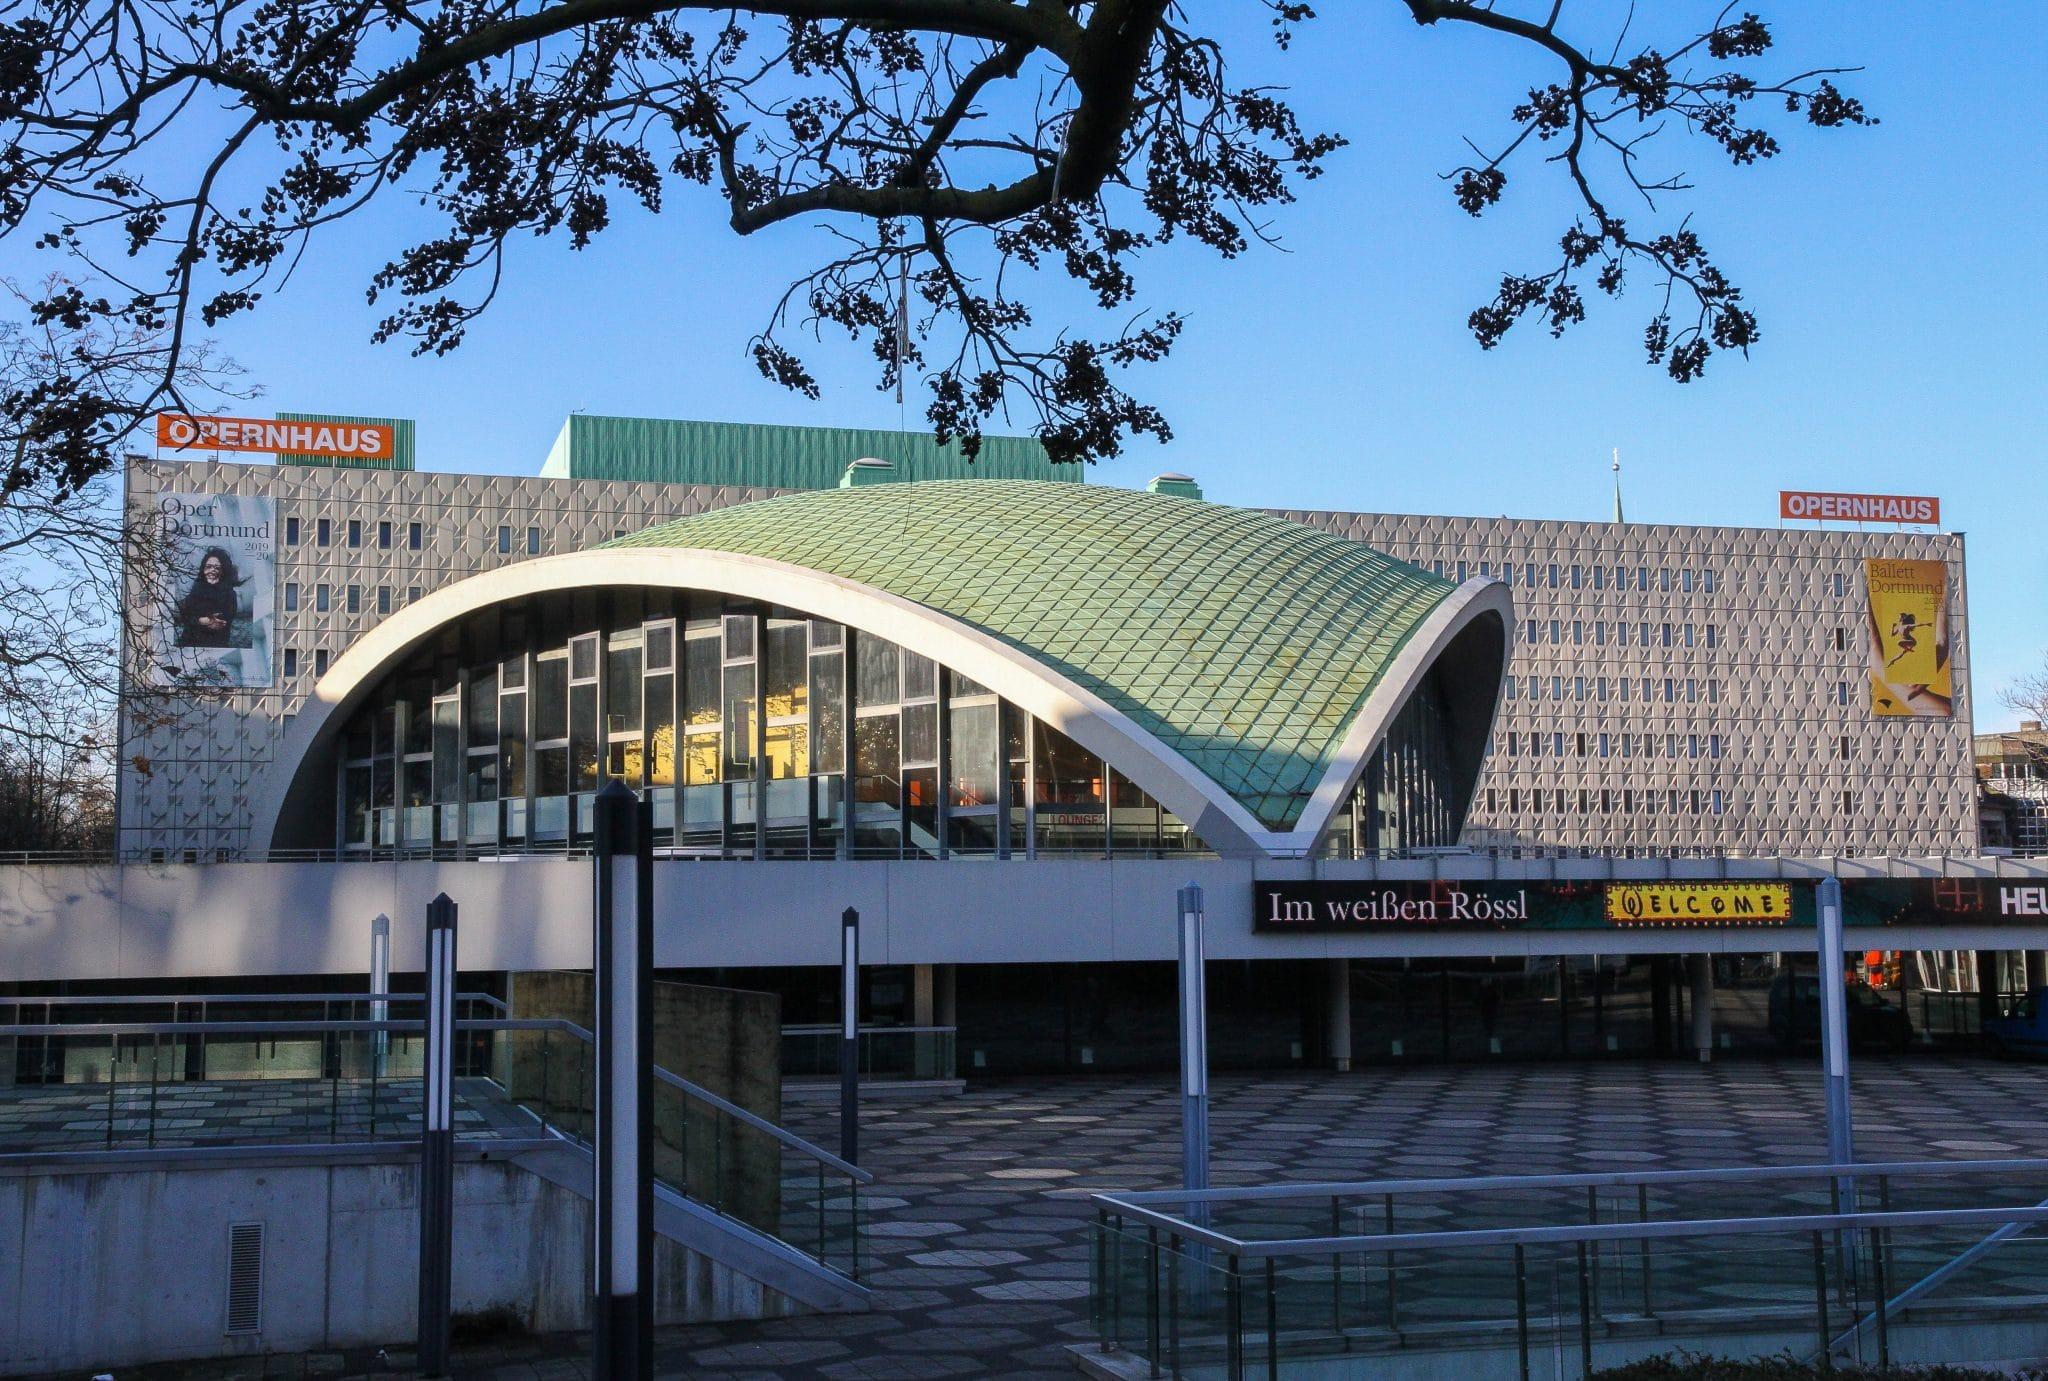 Der Verwaltungsvorstand der Stadt Dortmund hat dem Rat der Stadt empfohlen, die Verträge des Intendanten der Oper, Heribert Germeshausen, und des Generalmusikdirektors Gabriel Feltz zu verlängern. (Archivfoto: Wir in Dortmund)